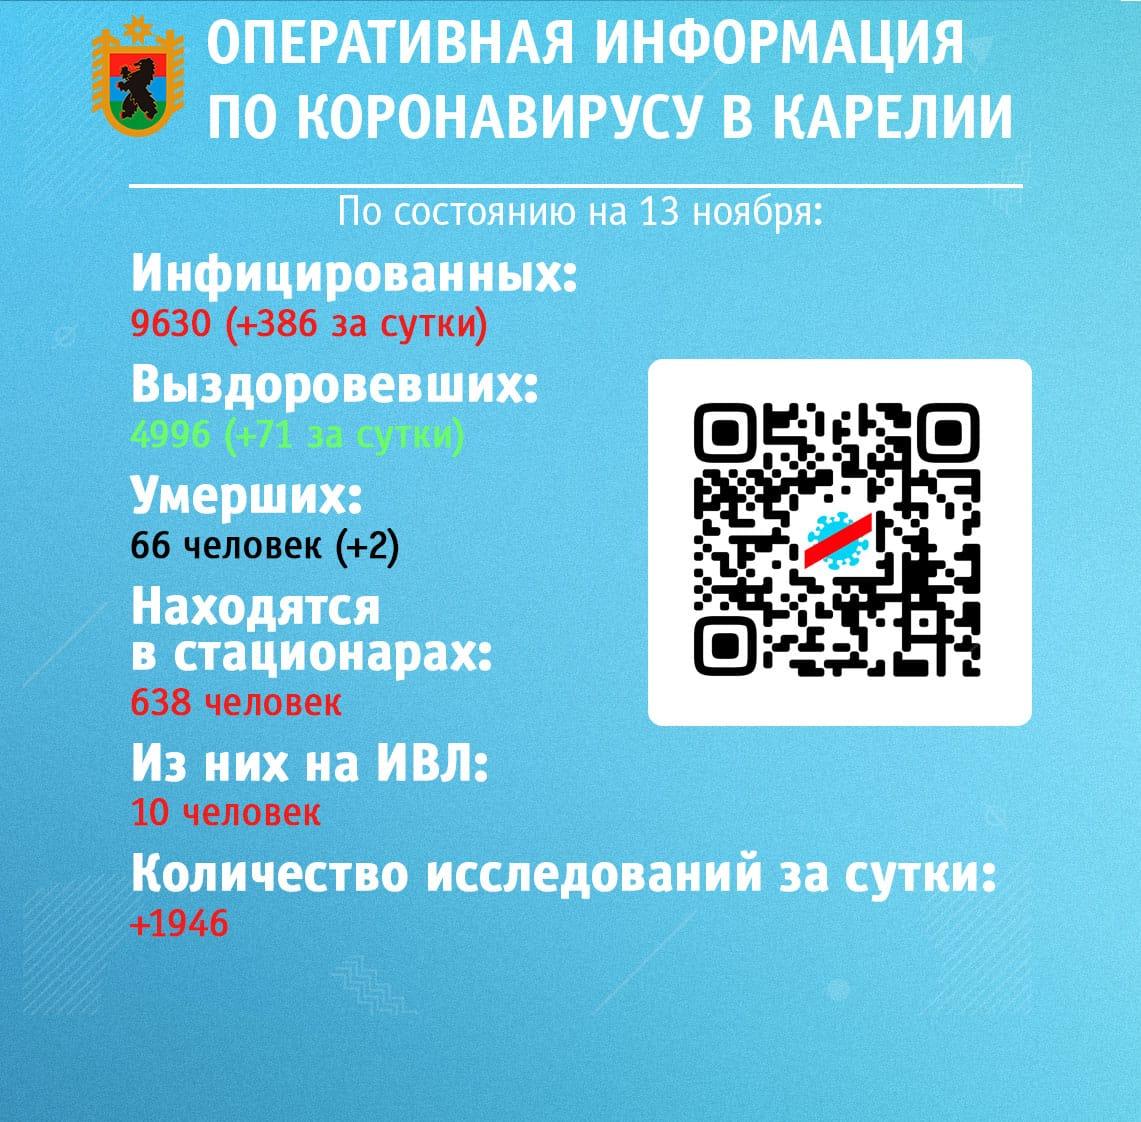 Общее число инфицированных коронавирусом в Карелии стремительно приближается к 10 тысячам